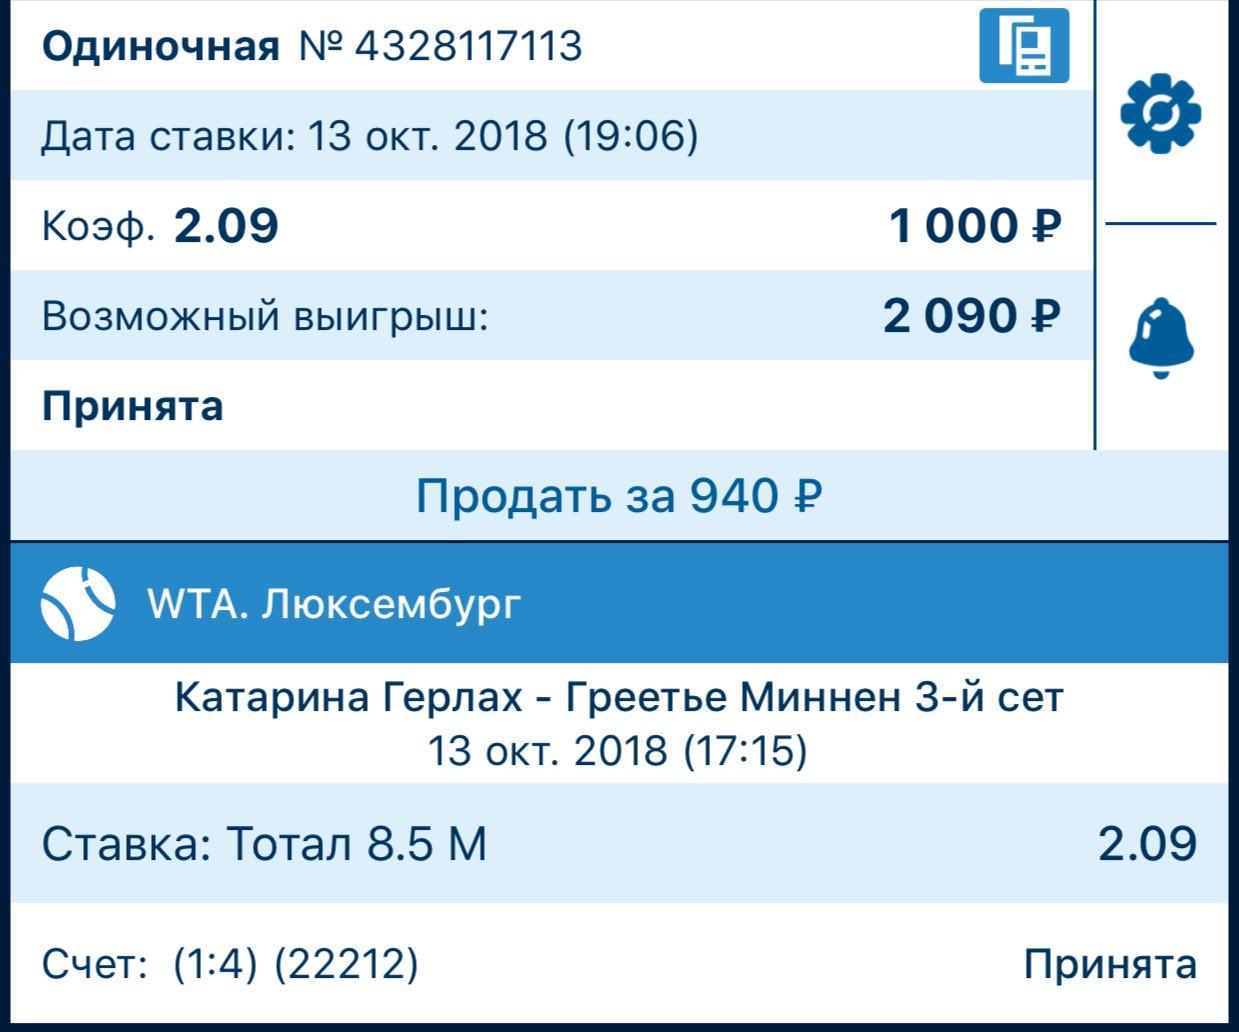 Ставки на матч Ван Уйтванк – Джорджи, прогноз на теннис от 13.10.2018